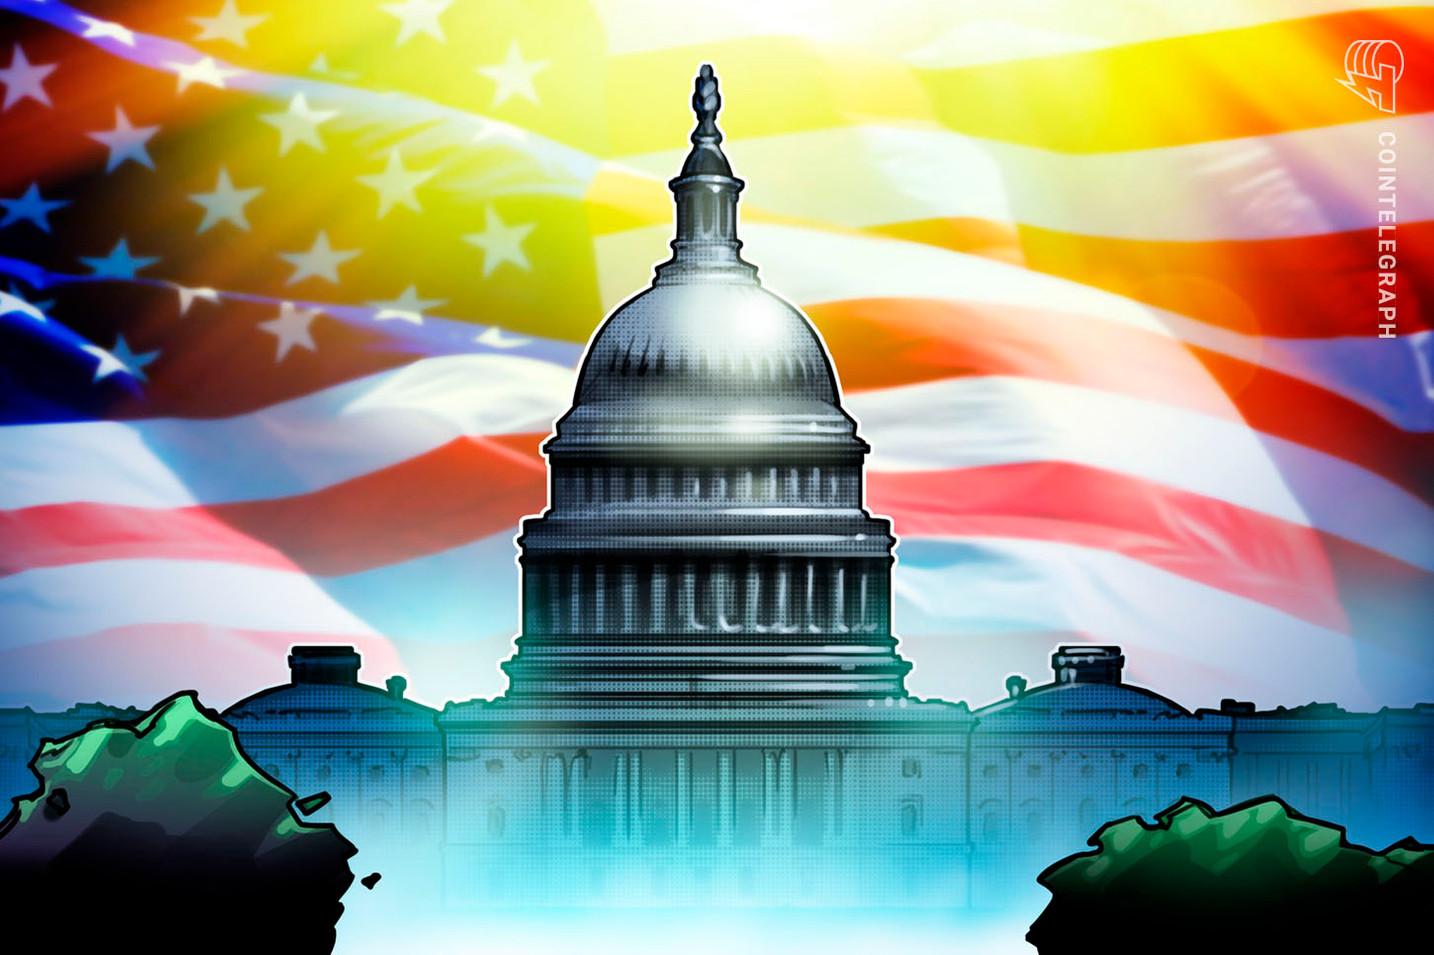 Legisladores de EE.UU. forman un grupo de trabajo de fintech para examinar la industria